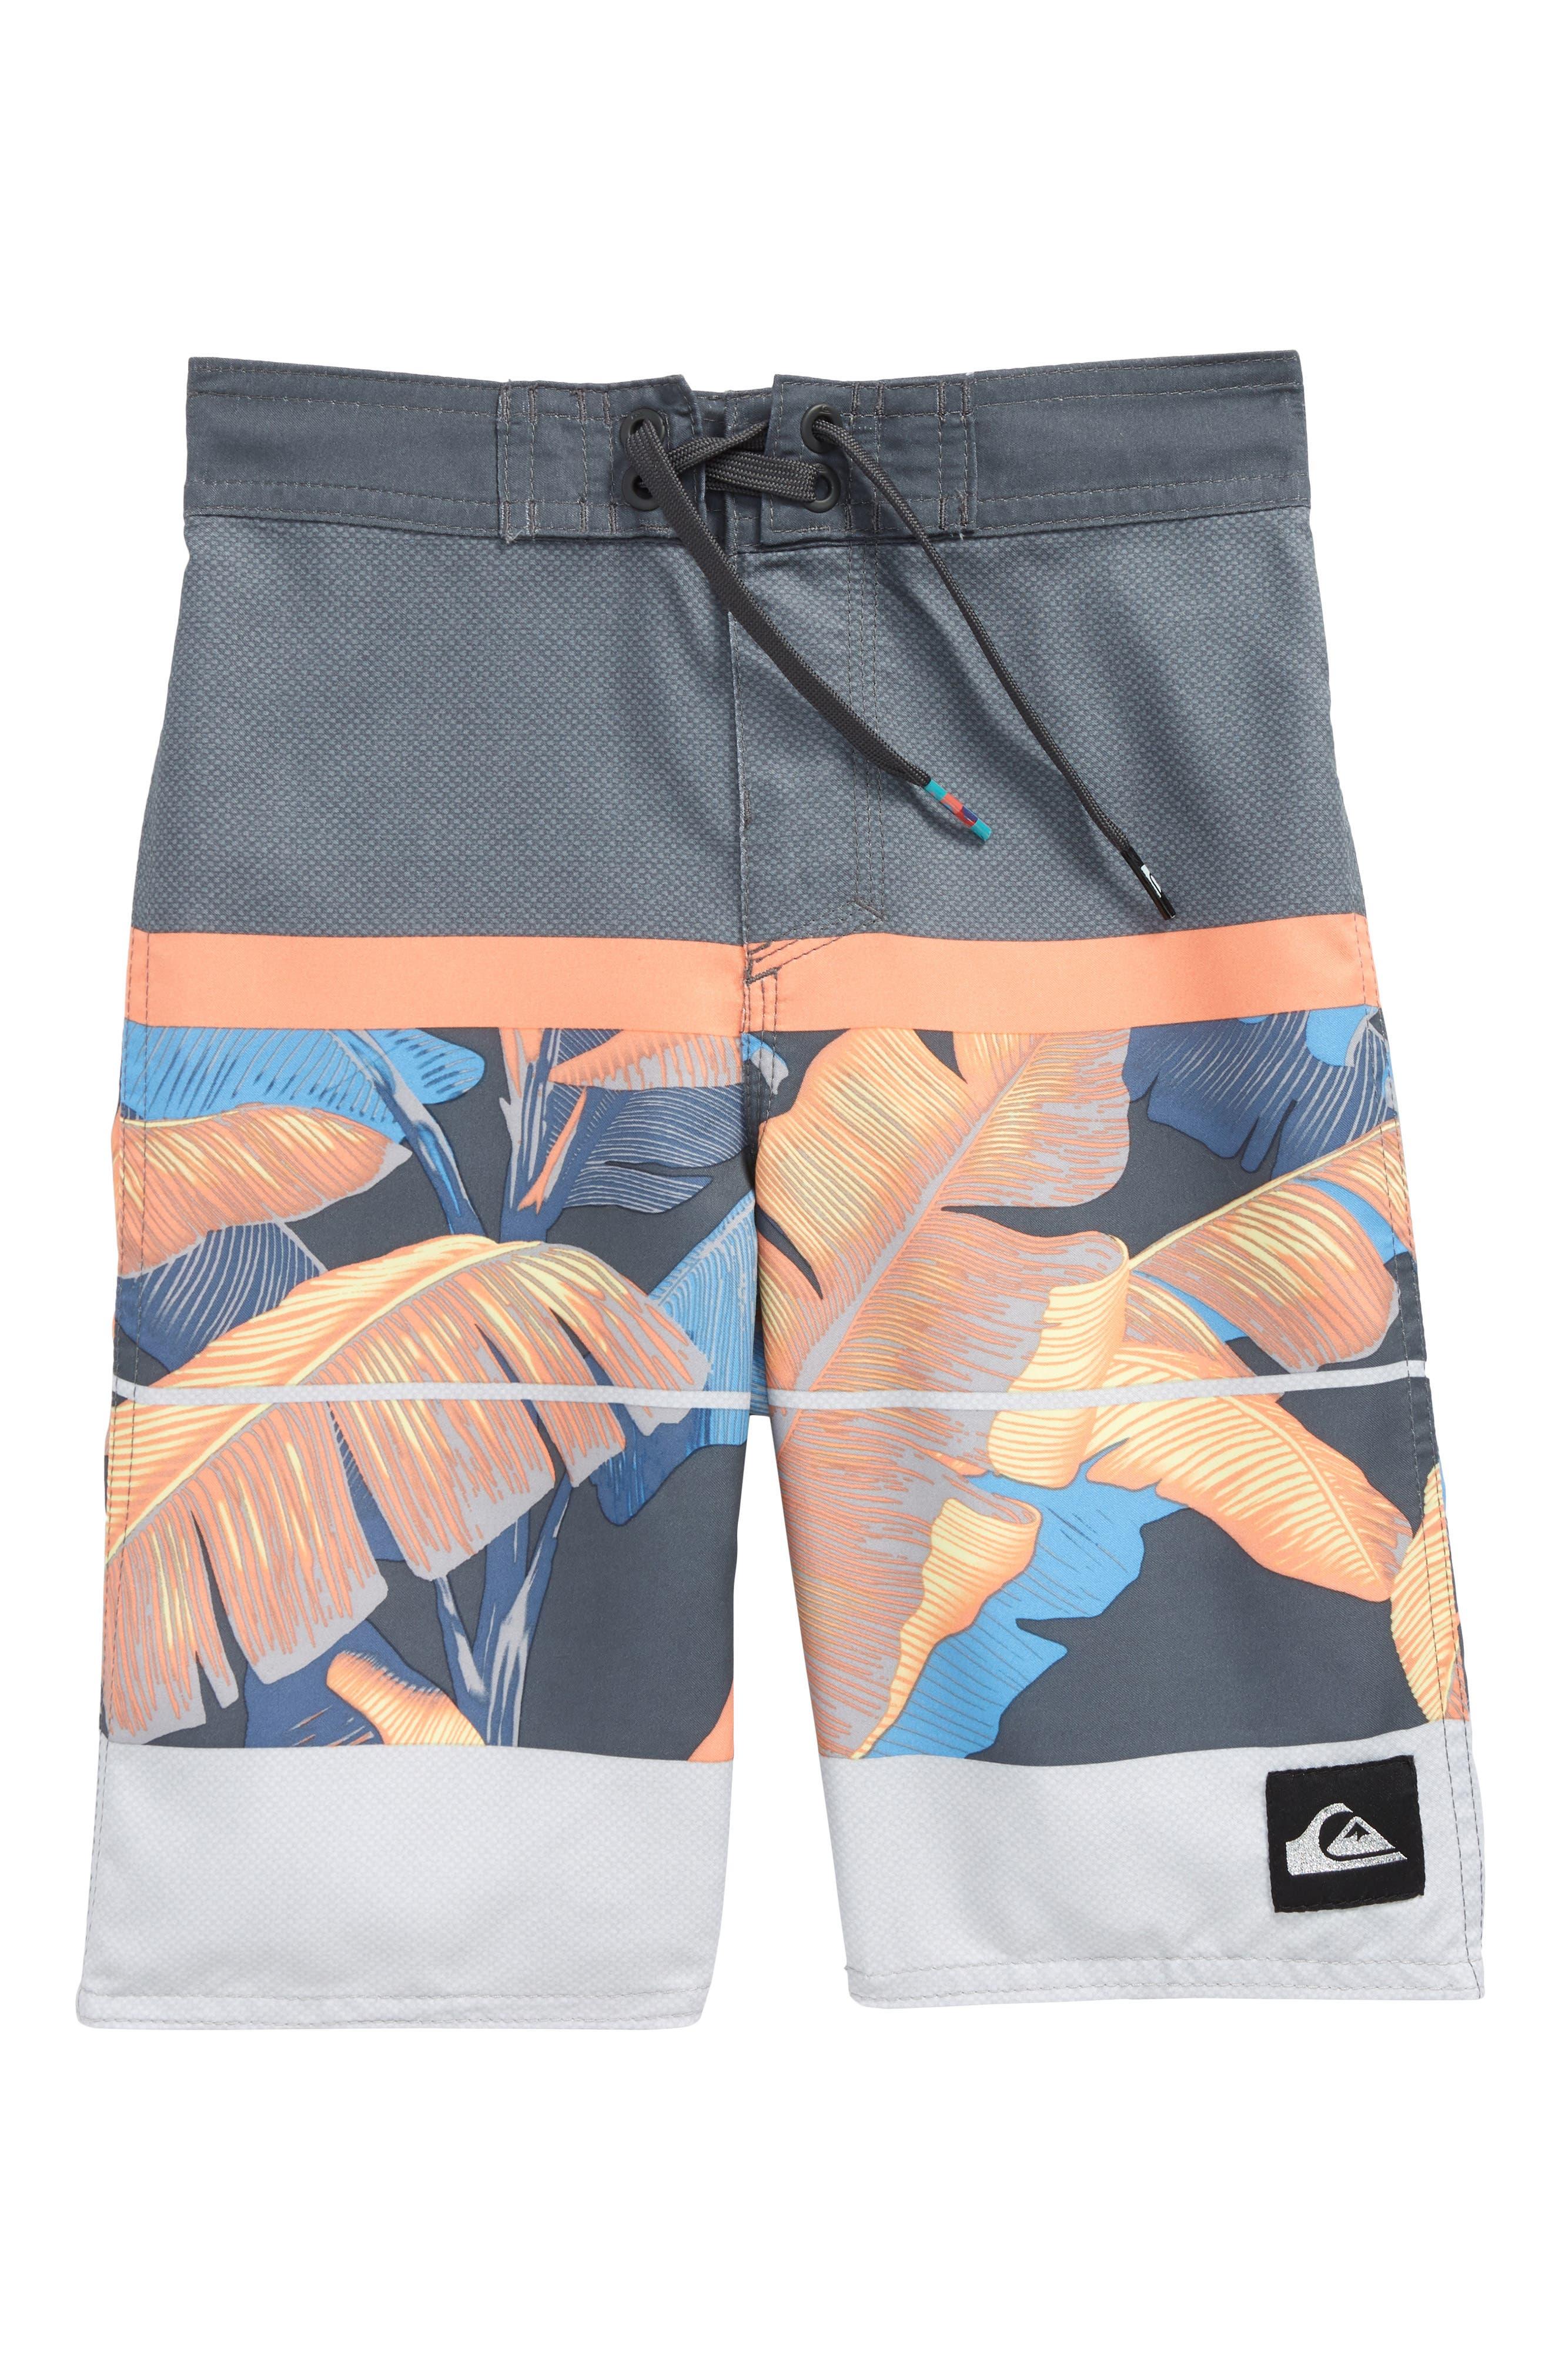 Slab Island Board Shorts,                             Main thumbnail 1, color,                             020